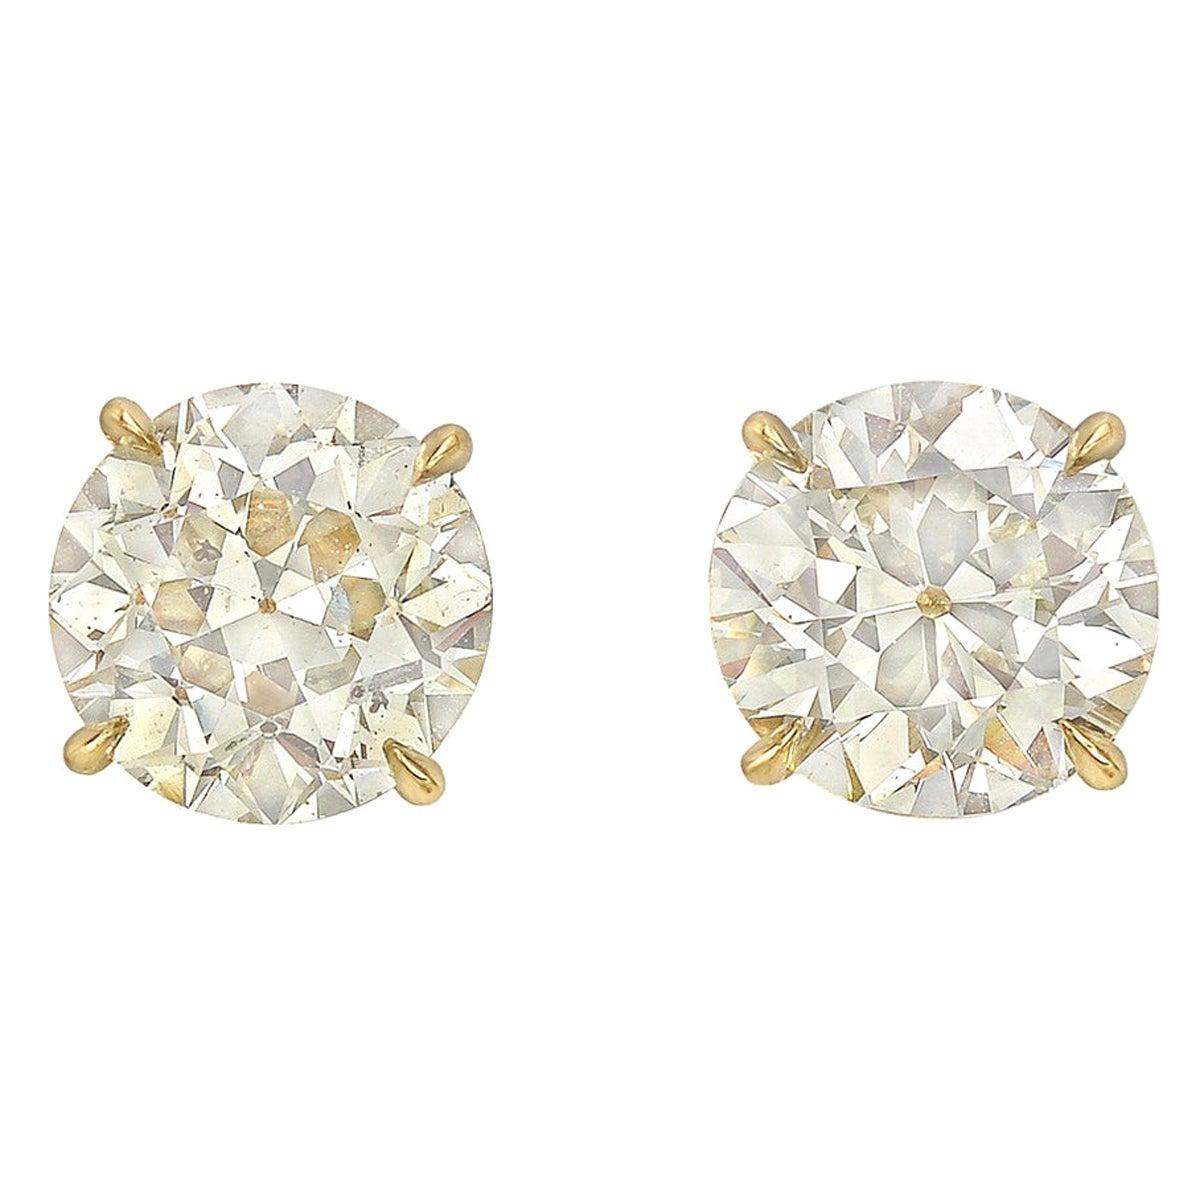 Circular Brilliant Diamond Stud Earrings '4.14 Carat'